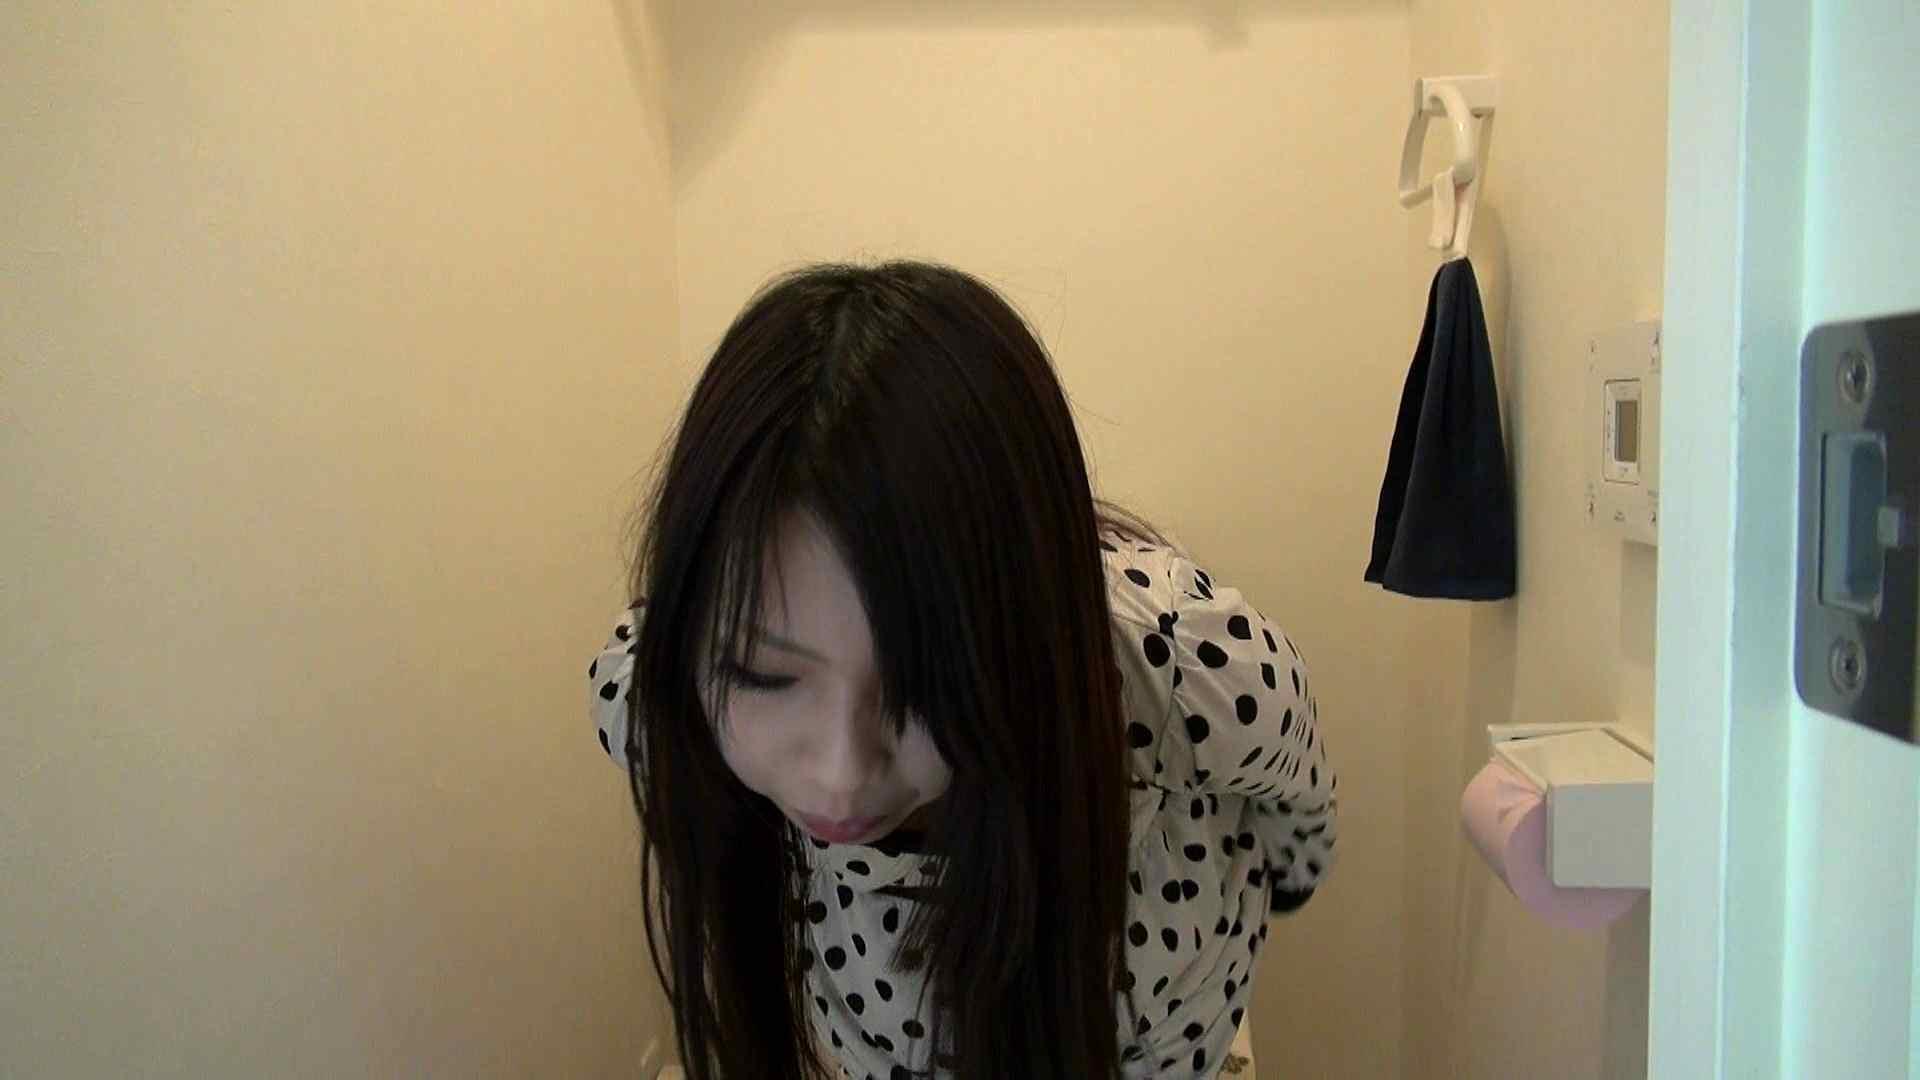 志穂さんにお手洗いに行ってもらいましょう 特撮オマンコ  105連発 20